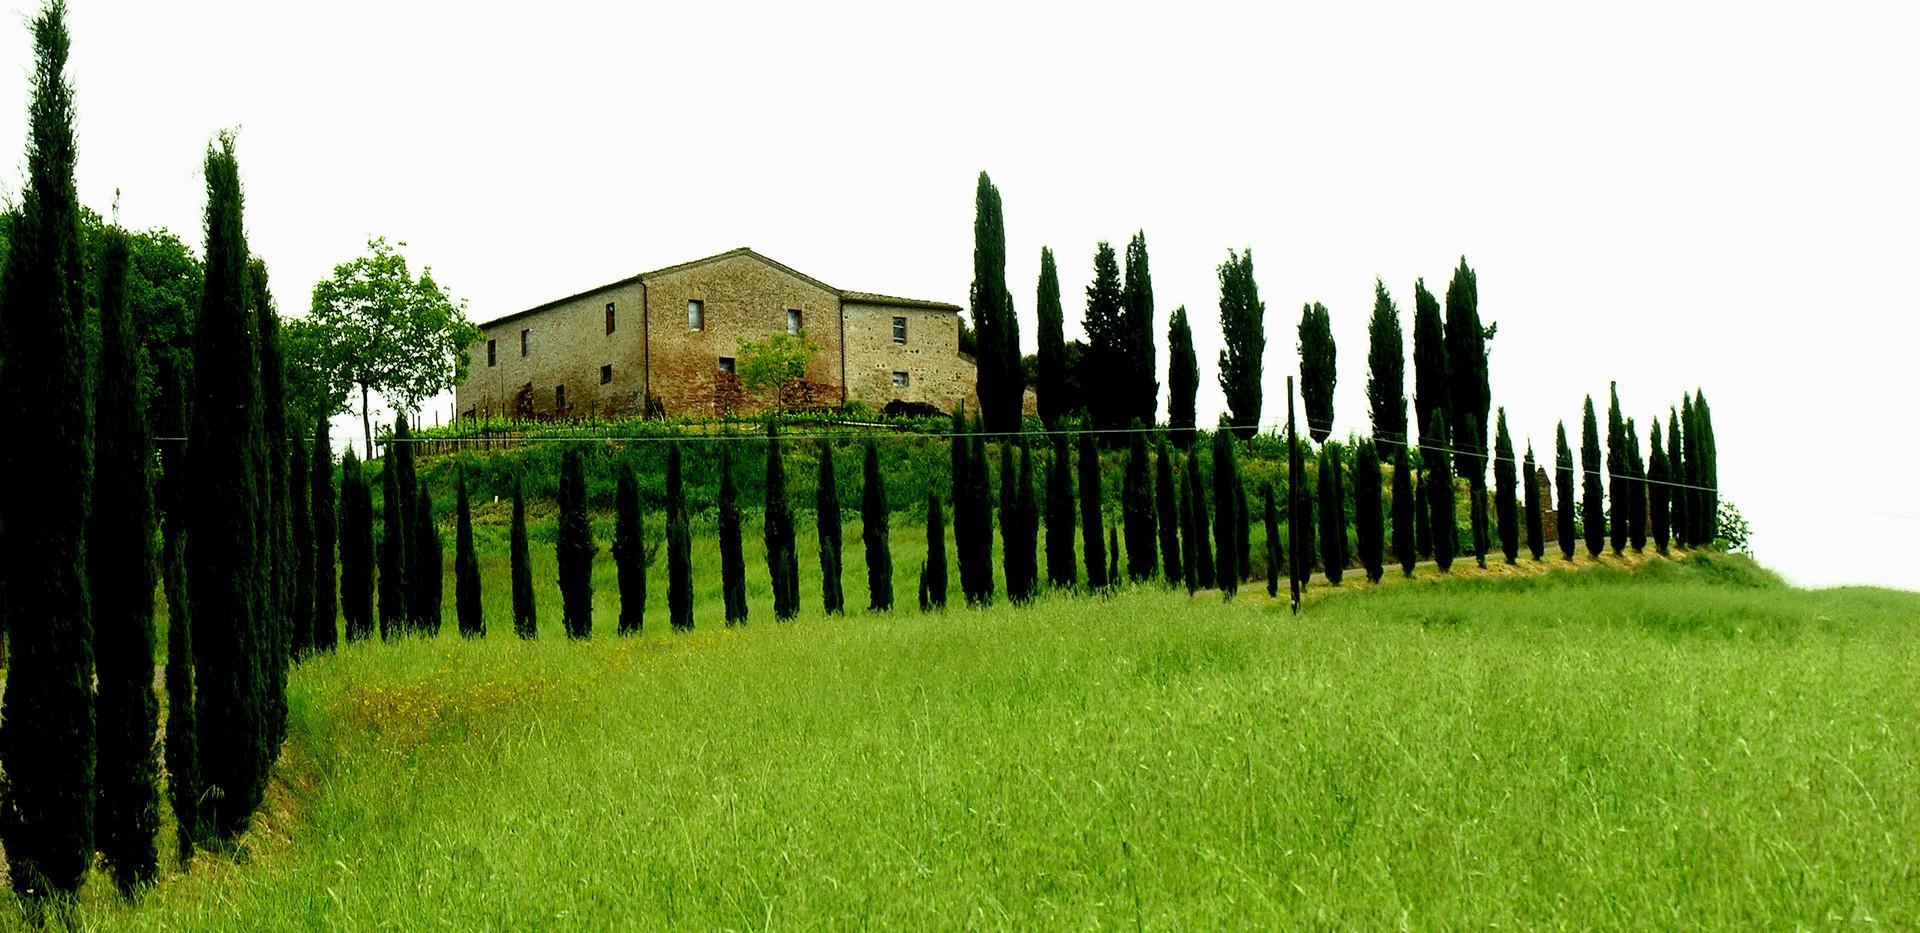 084 Toscana.JPG